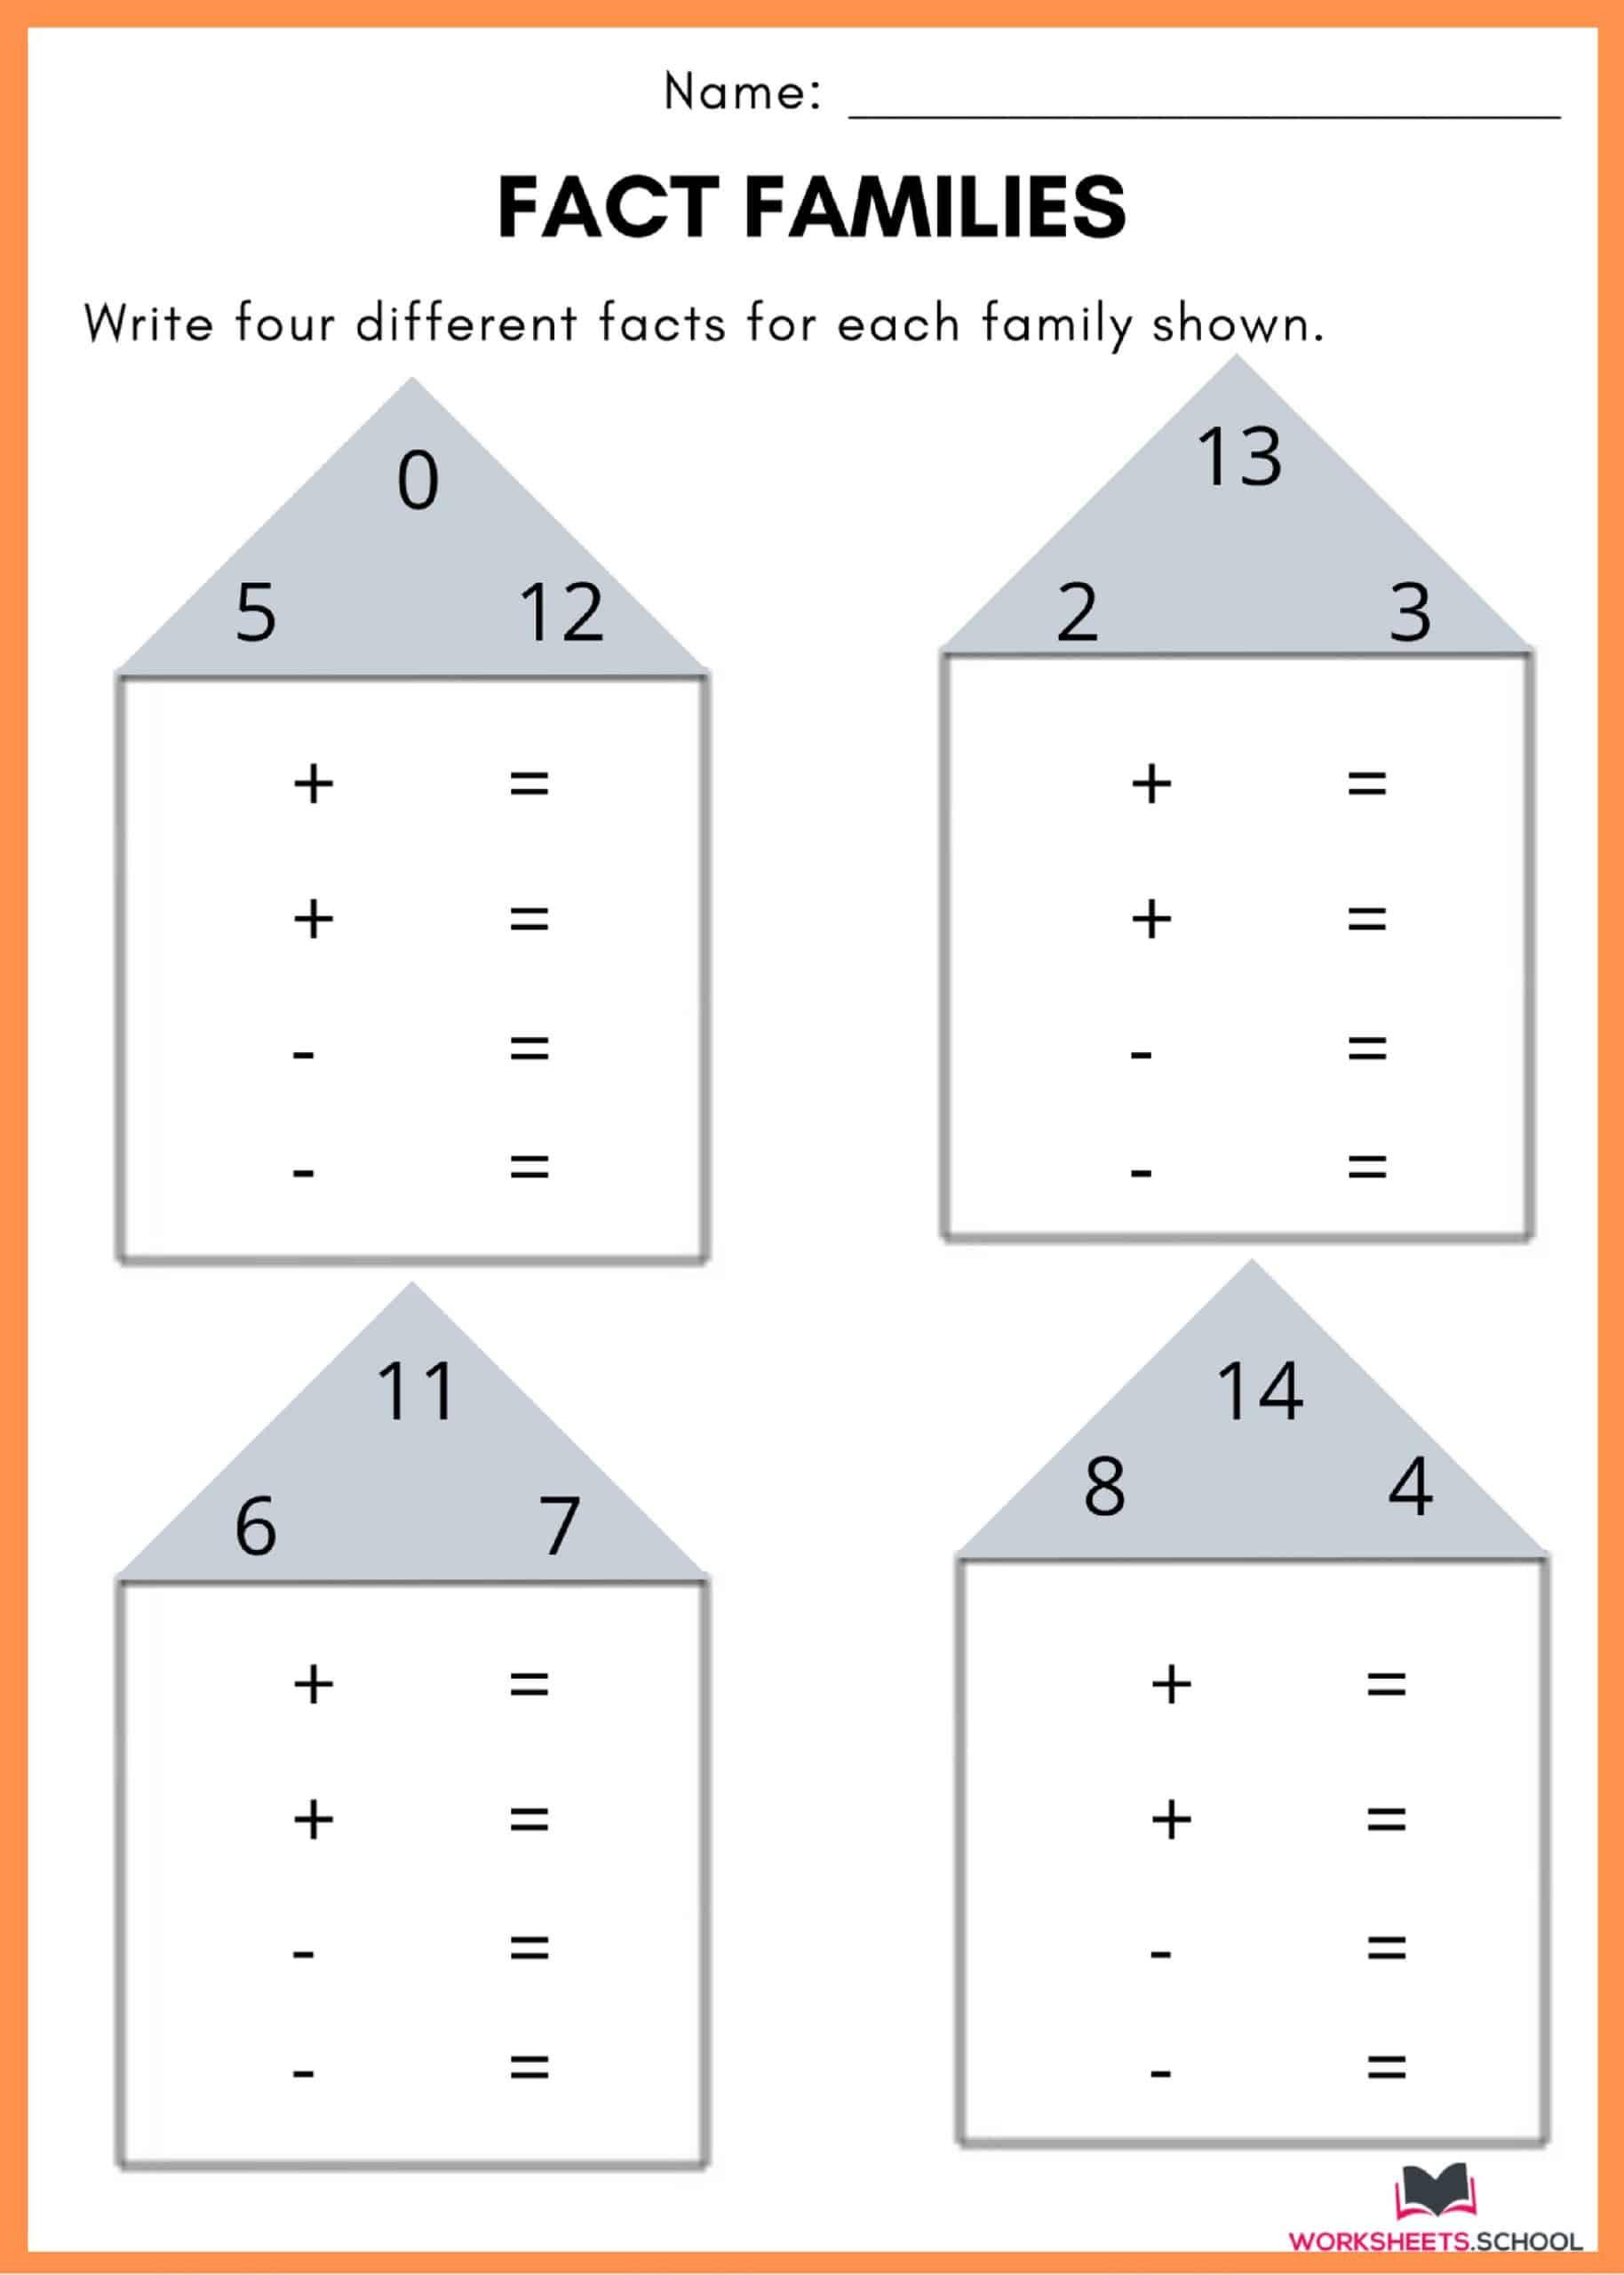 Fact Family Worksheet 4